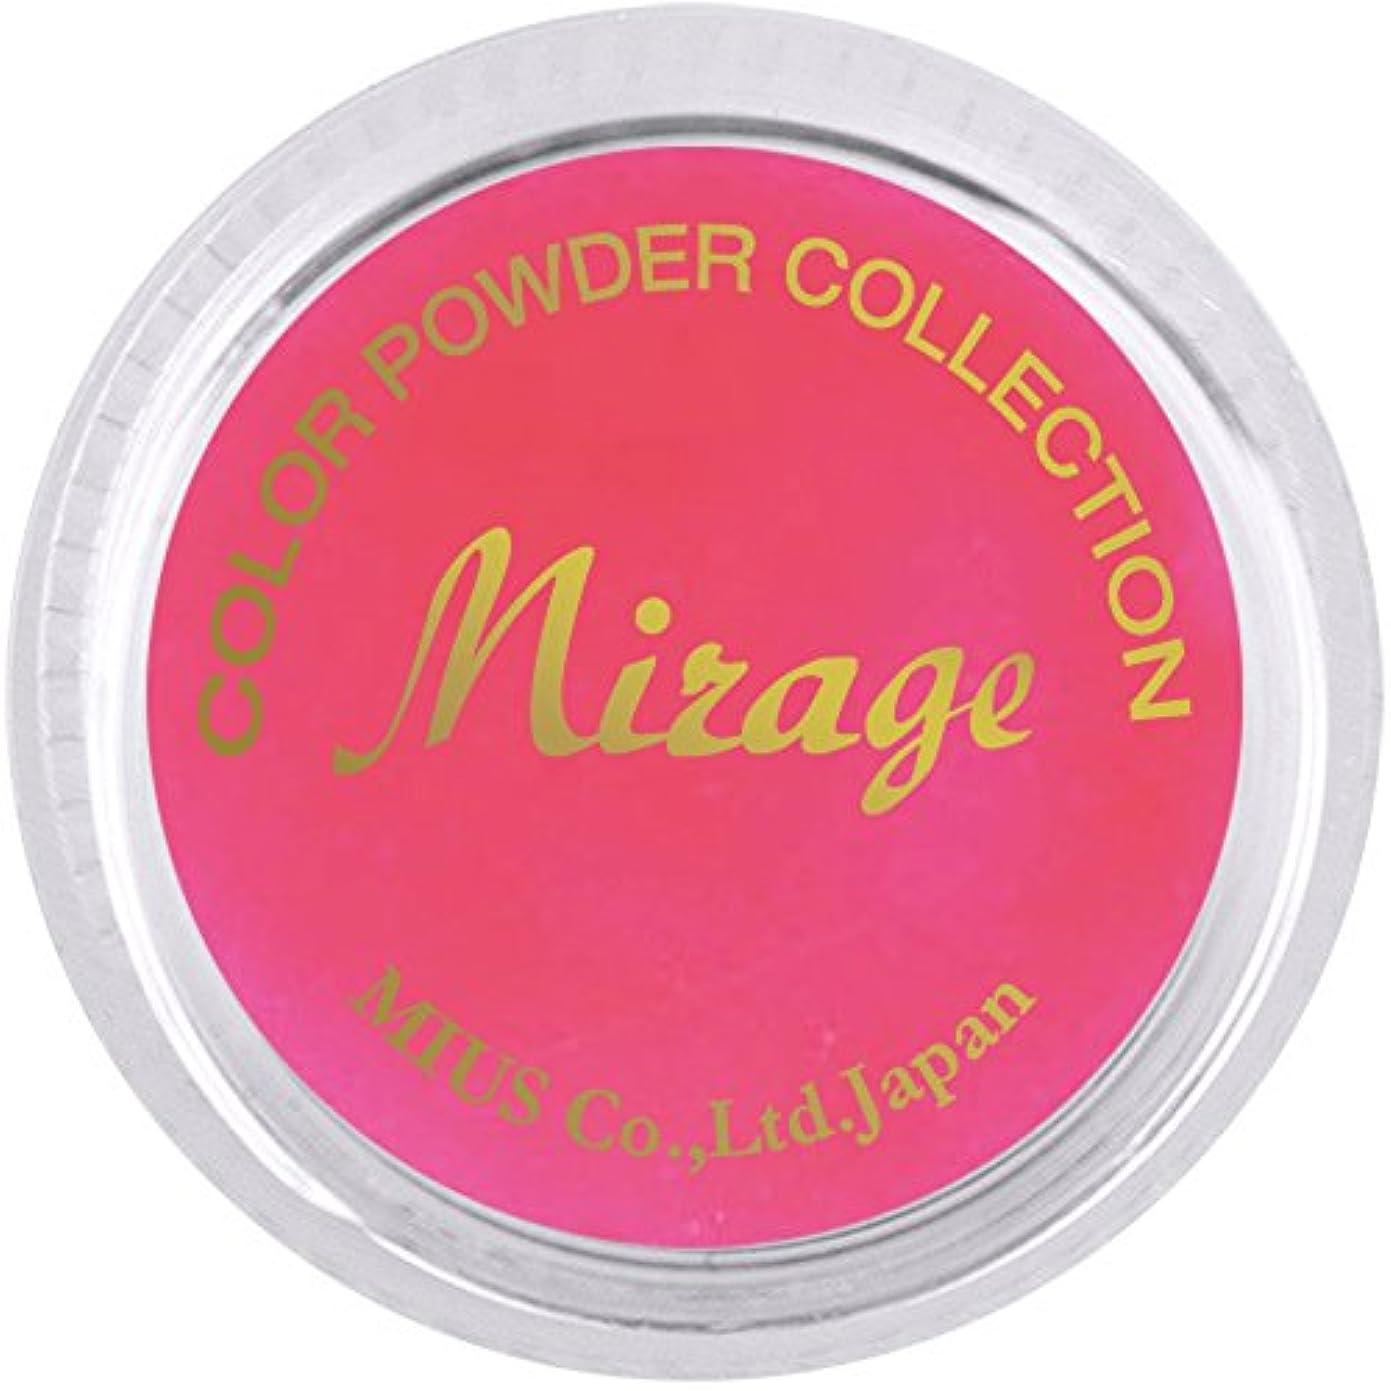 そよ風文言忌まわしいミラージュ カラーパウダー N/CPS-4  7g  アクリルパウダー 色鮮やかな蛍光スタンダードカラー